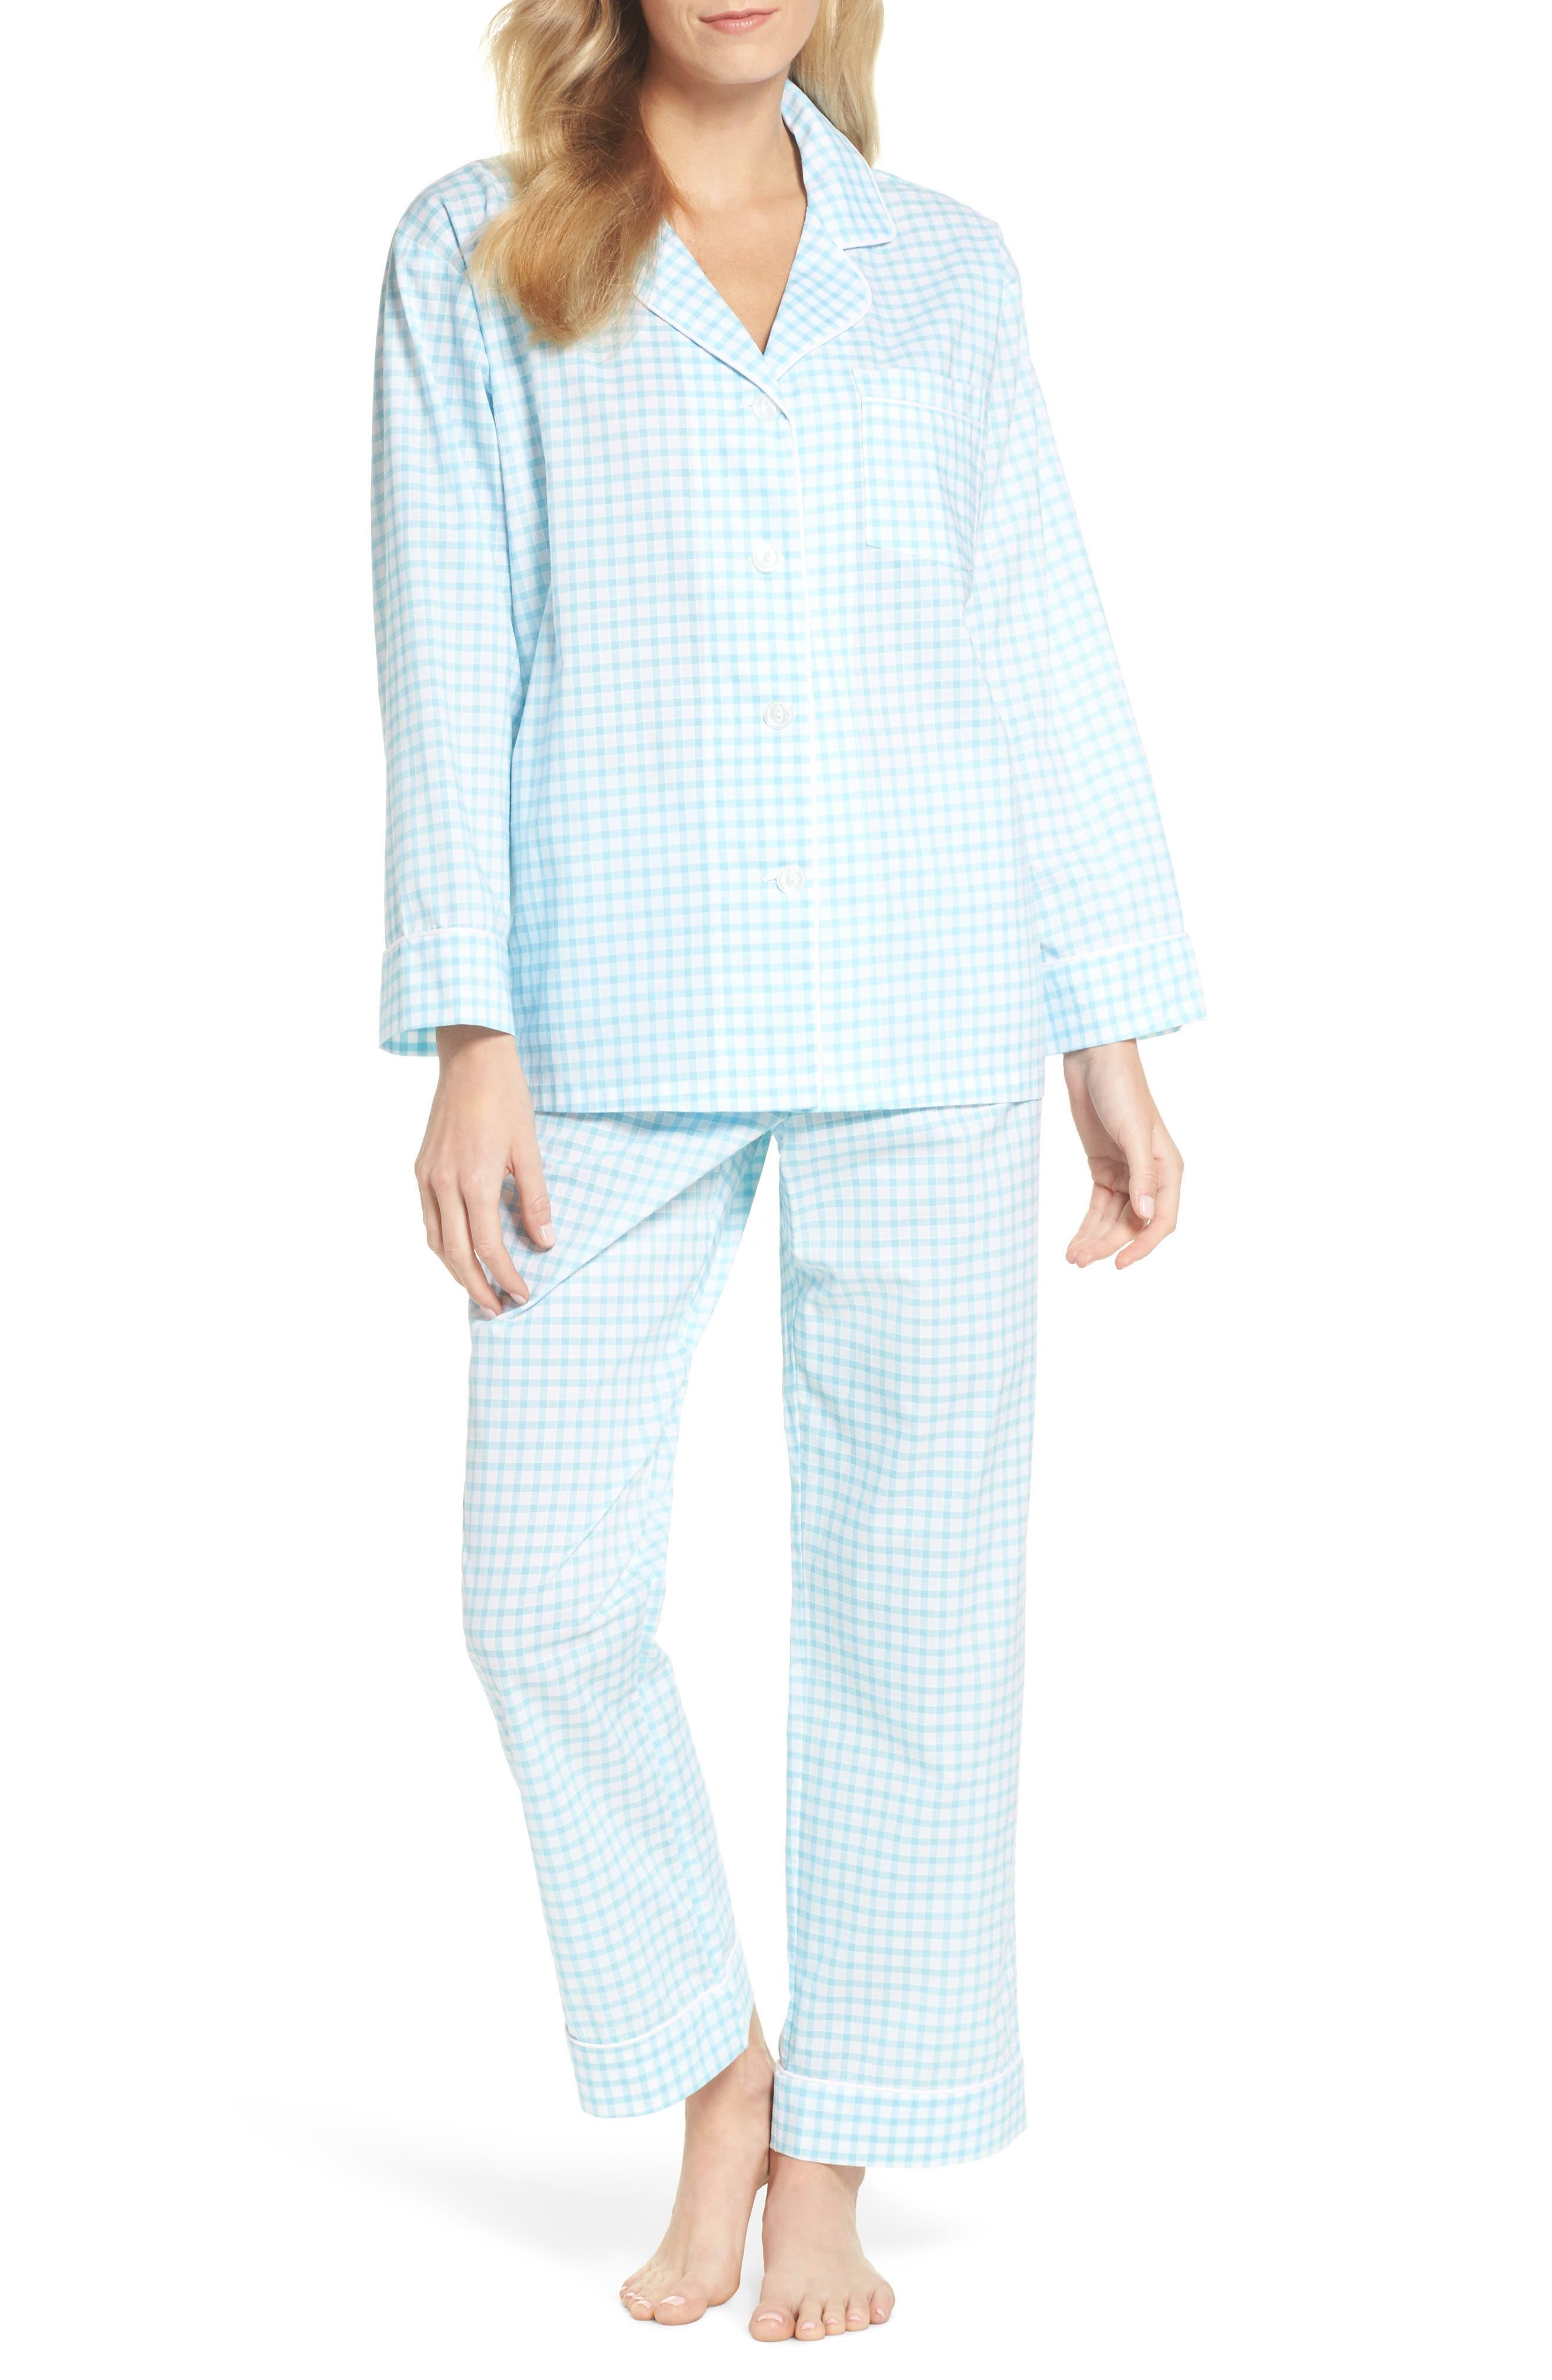 Gingham Pajamas,                             Main thumbnail 1, color,                             439